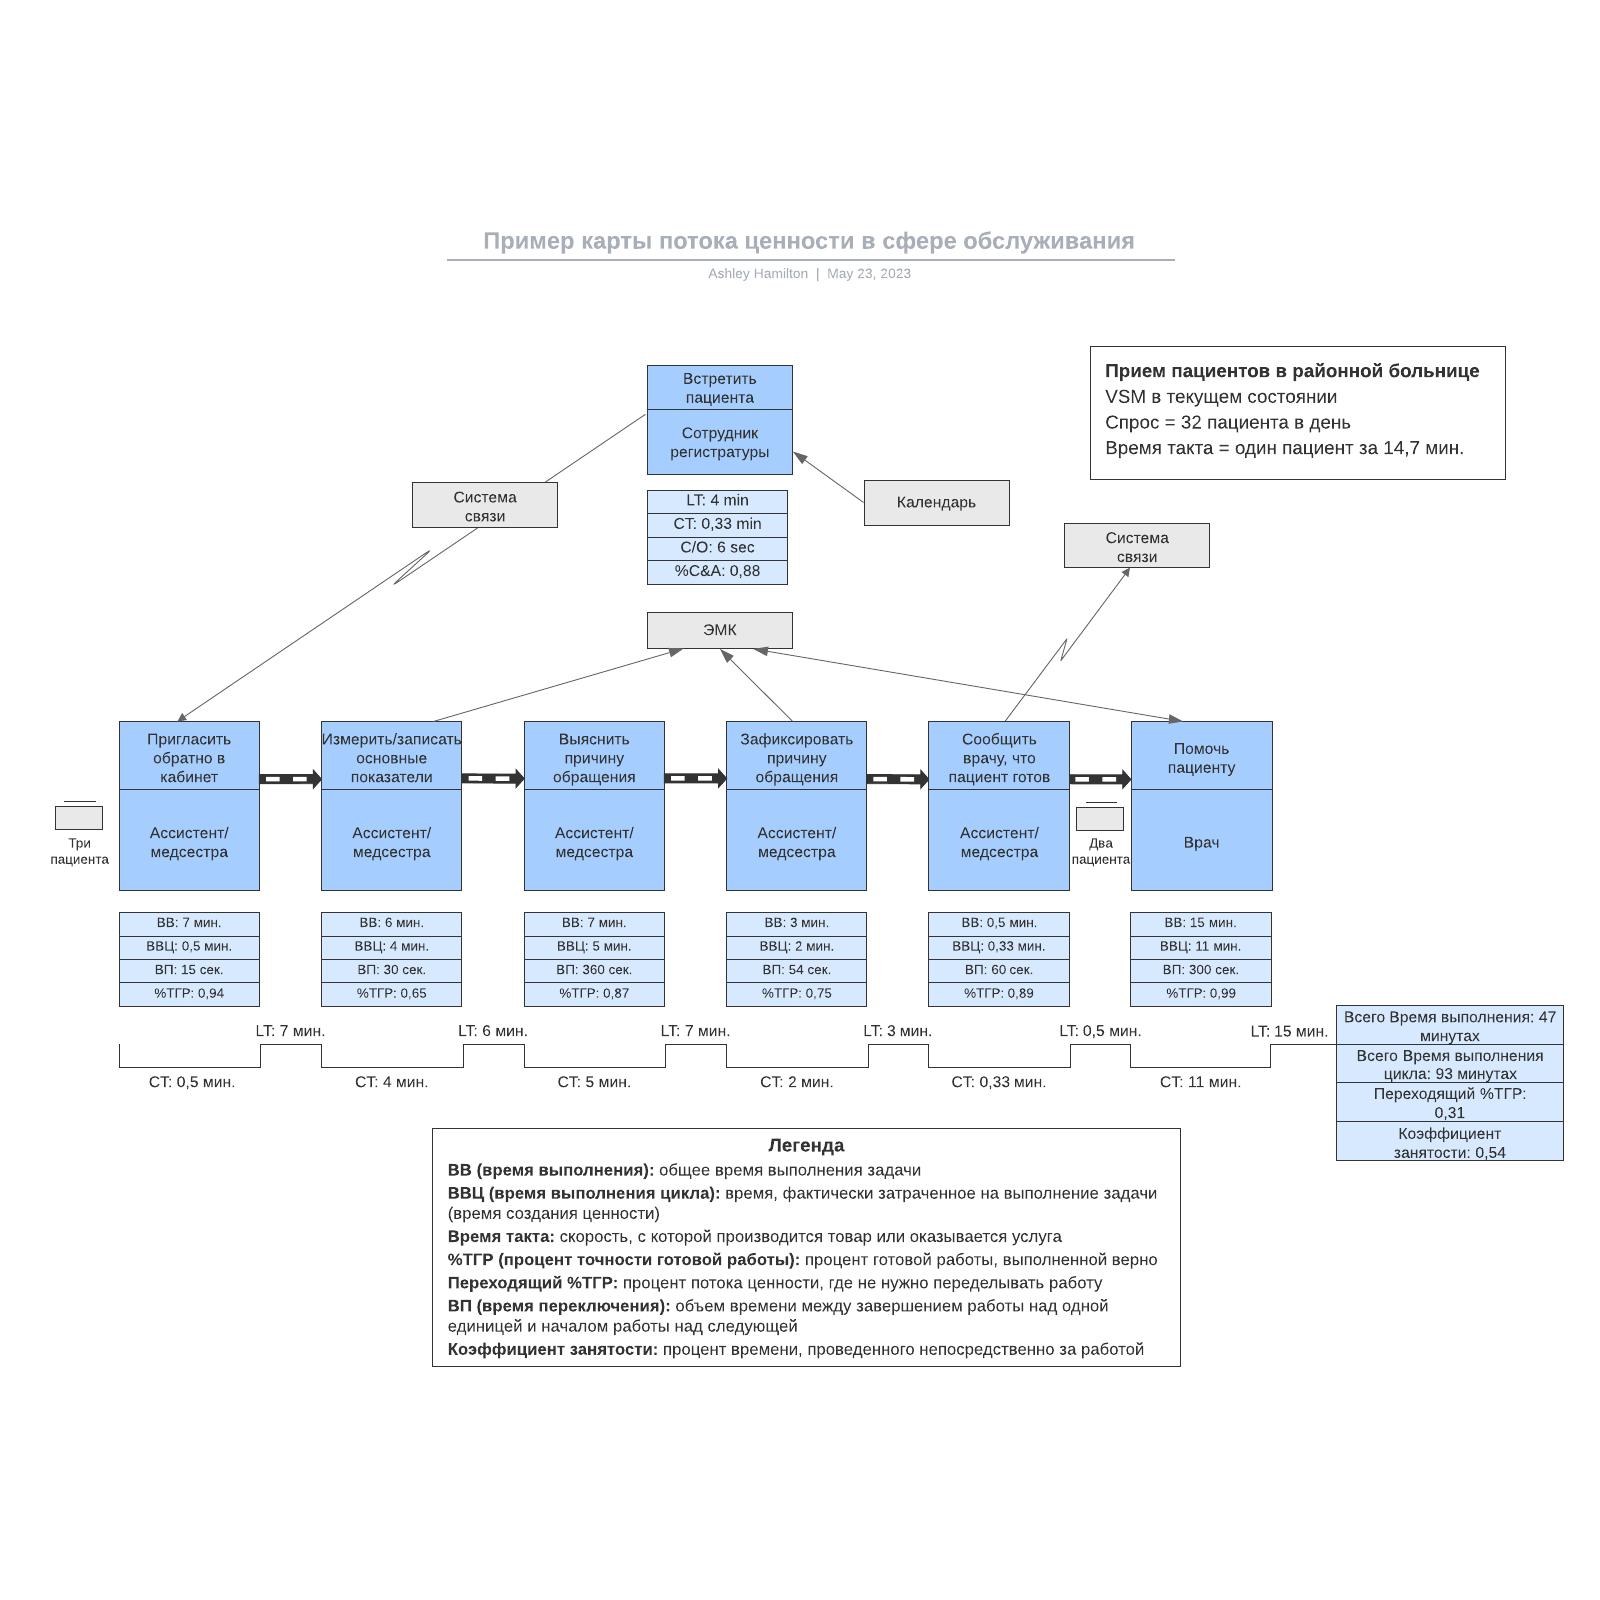 Пример карты потока ценности в сфере обслуживания